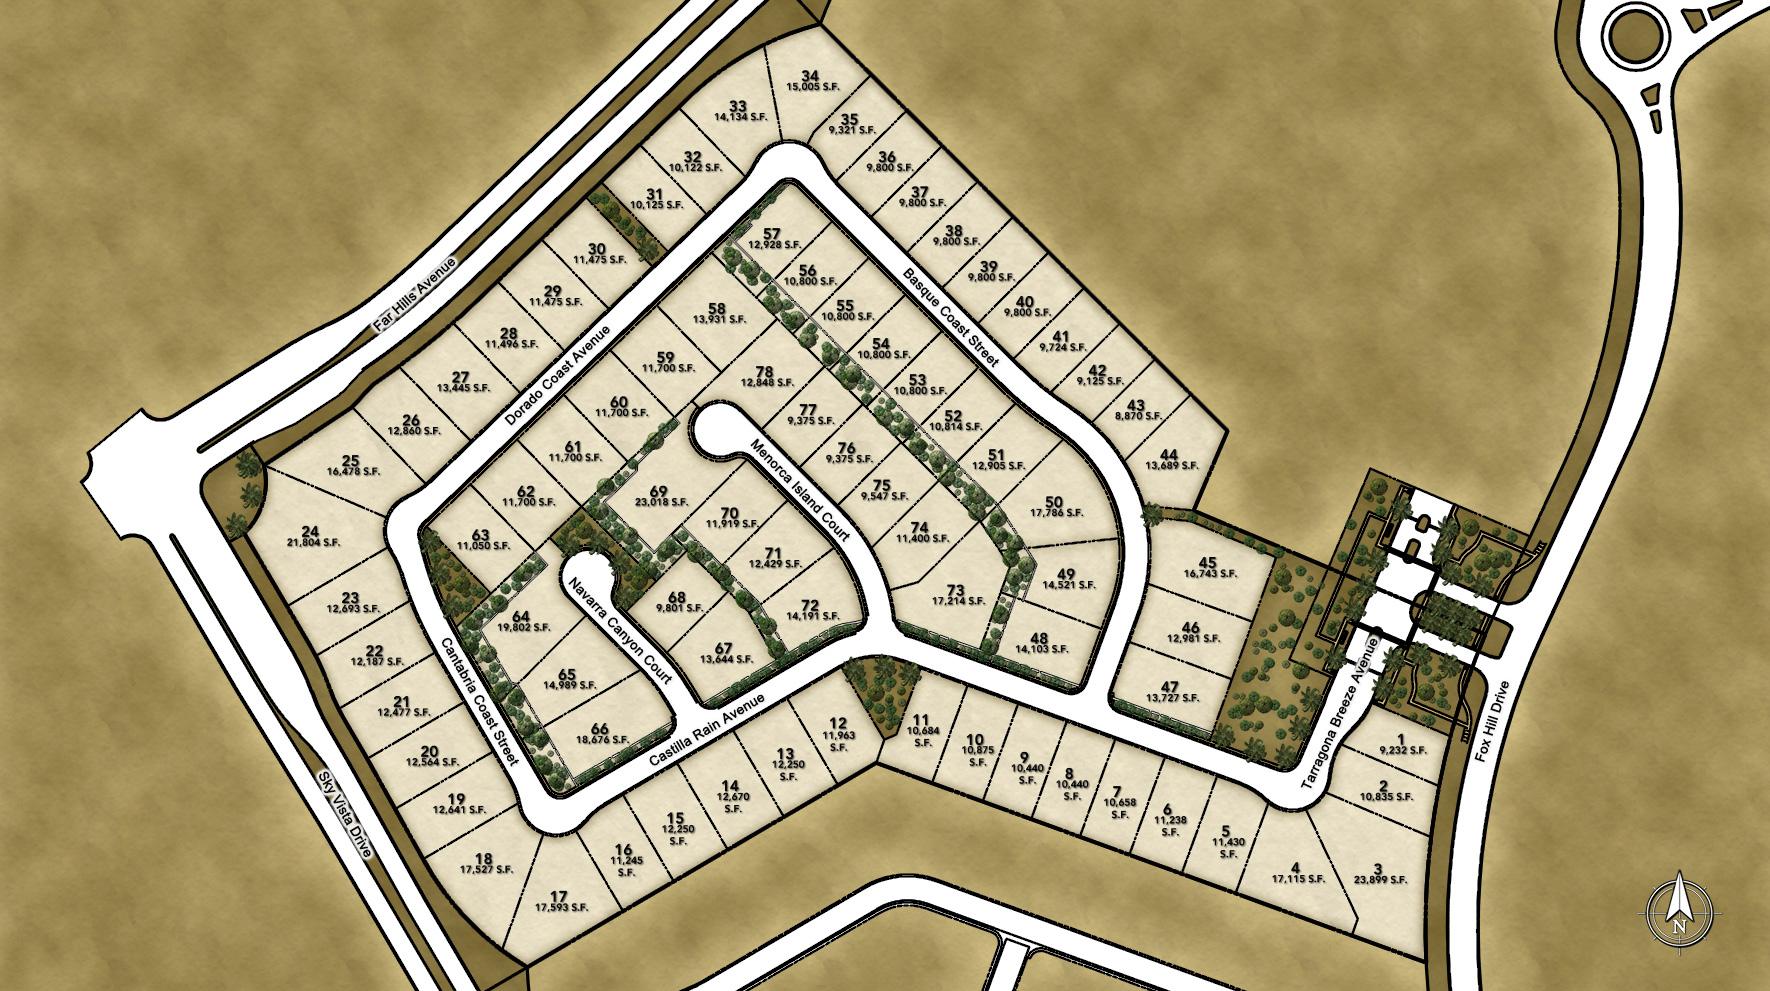 Los Altos Site Plan